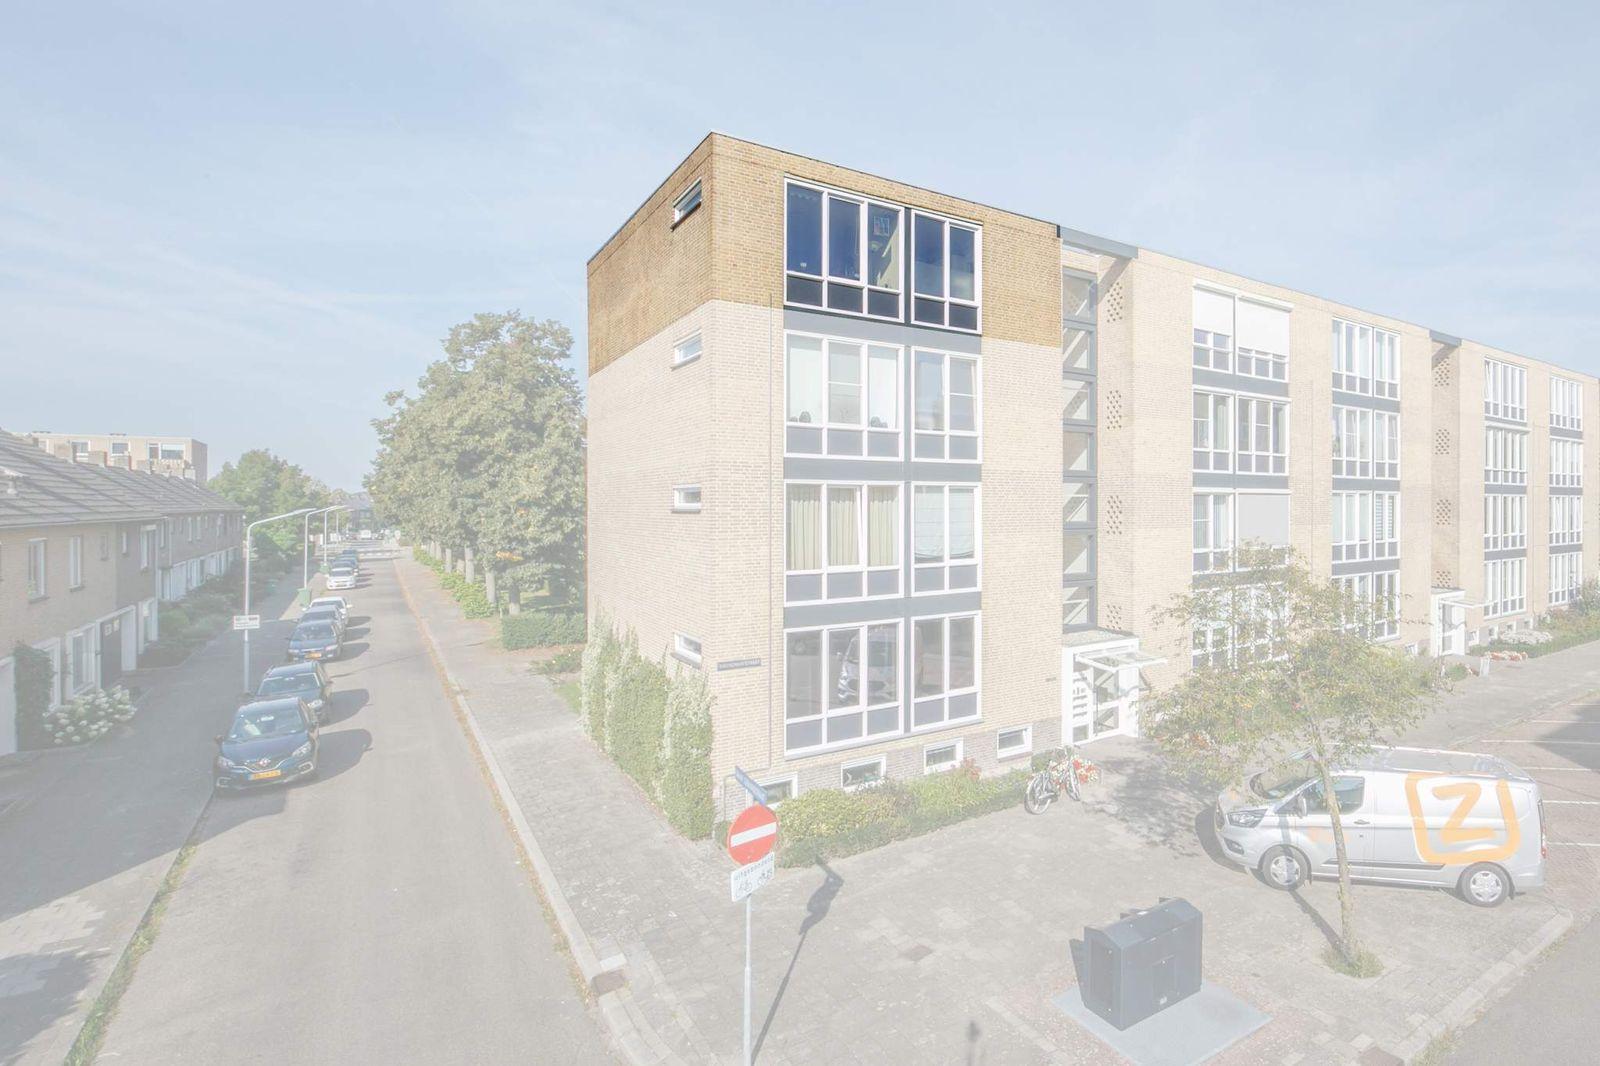 Vinckenhofstraat 192, Venlo